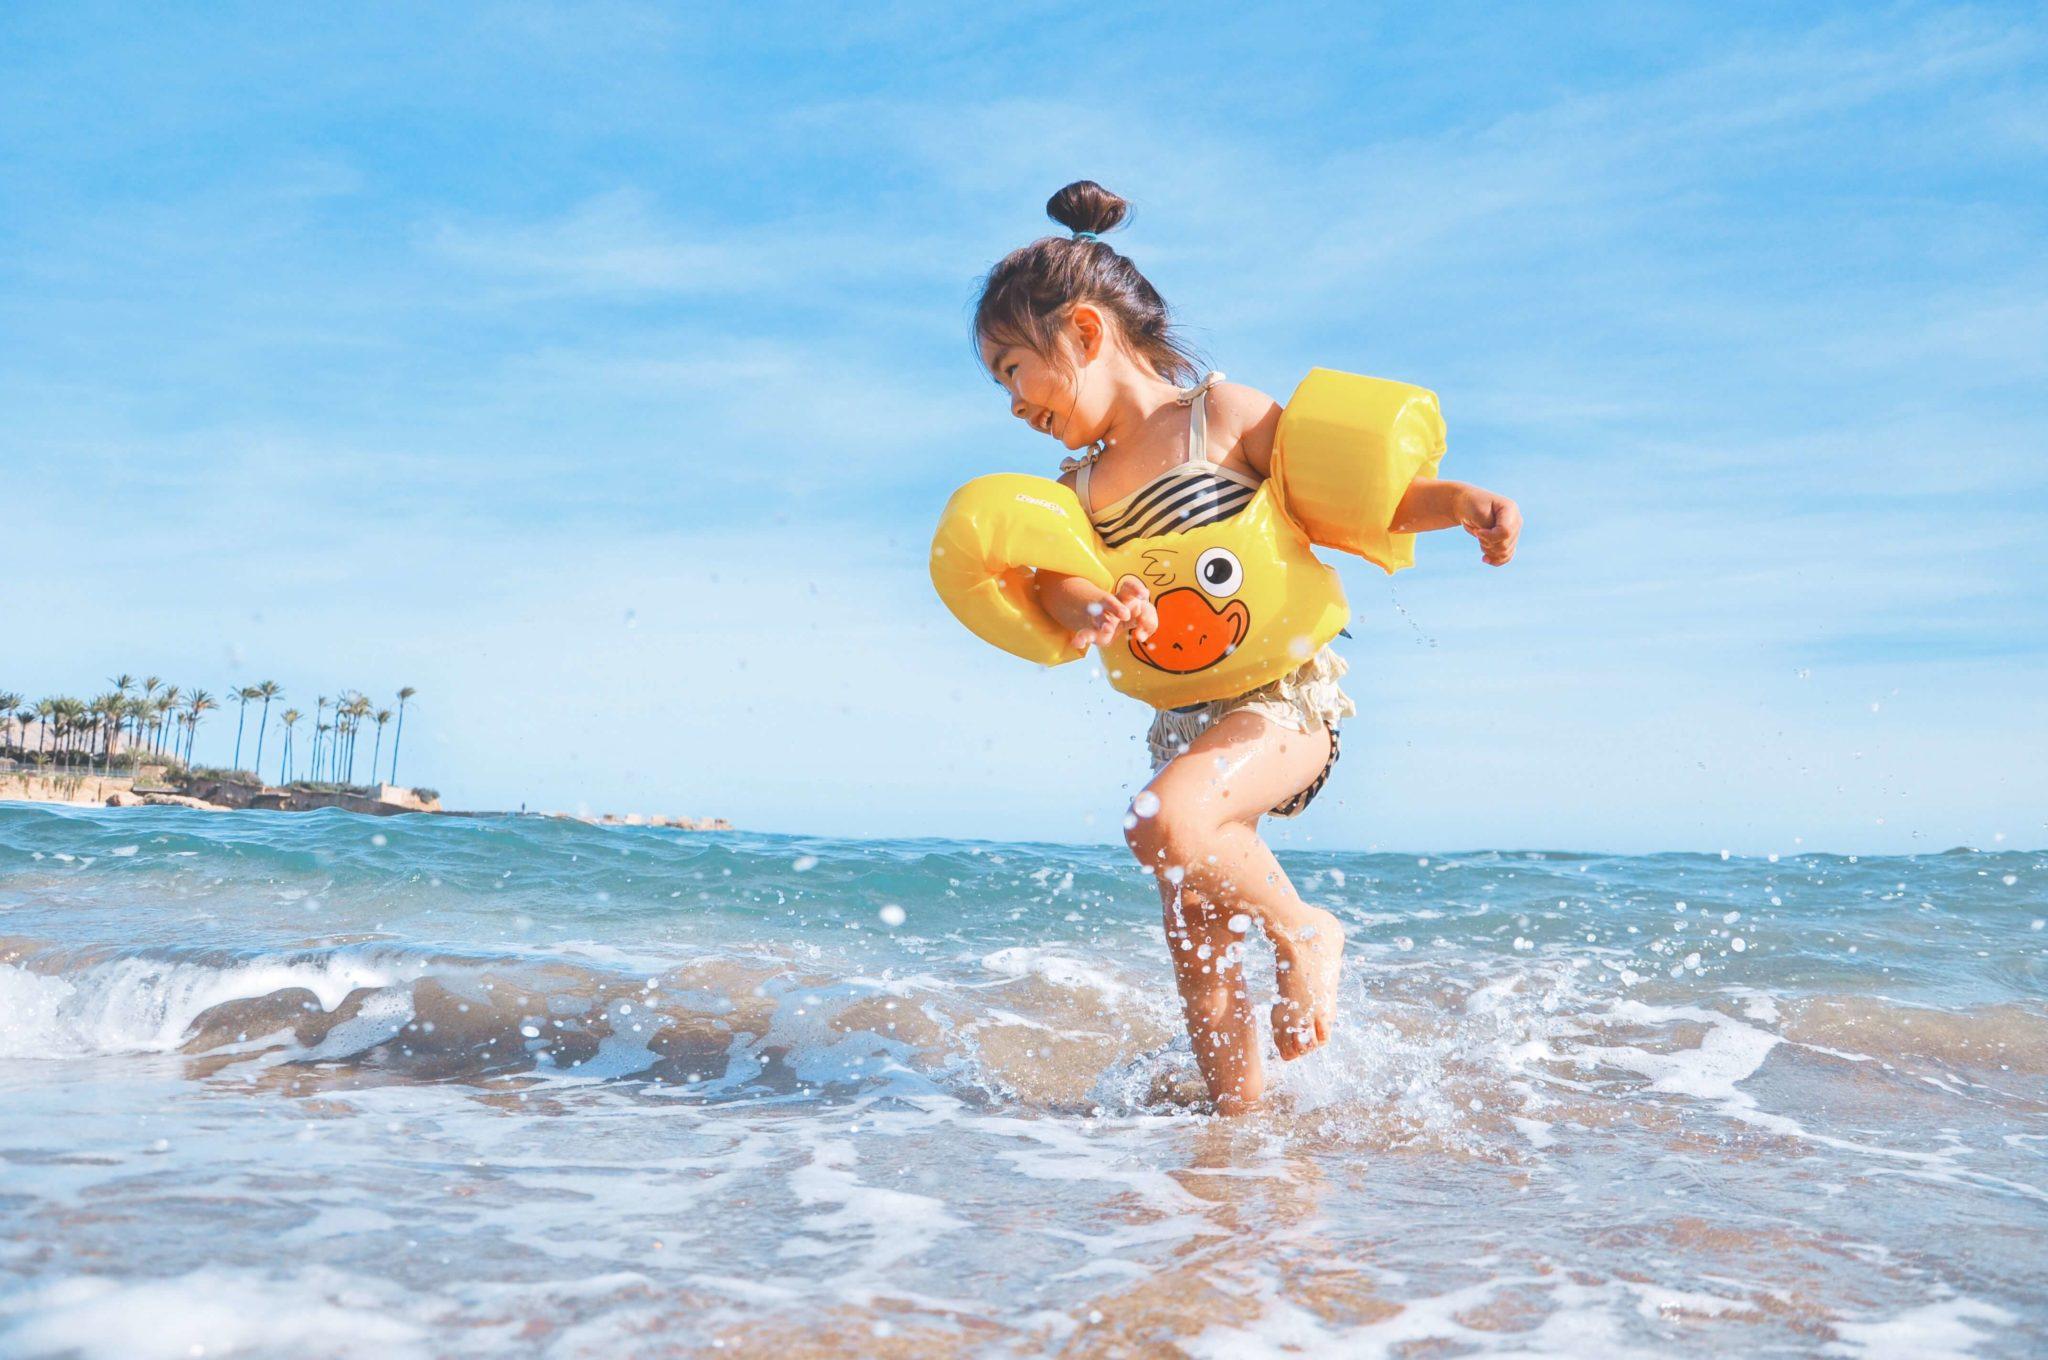 dziecko, wolność, szczęście, morze, cieszenie się chwilą, bycie dziecinnym